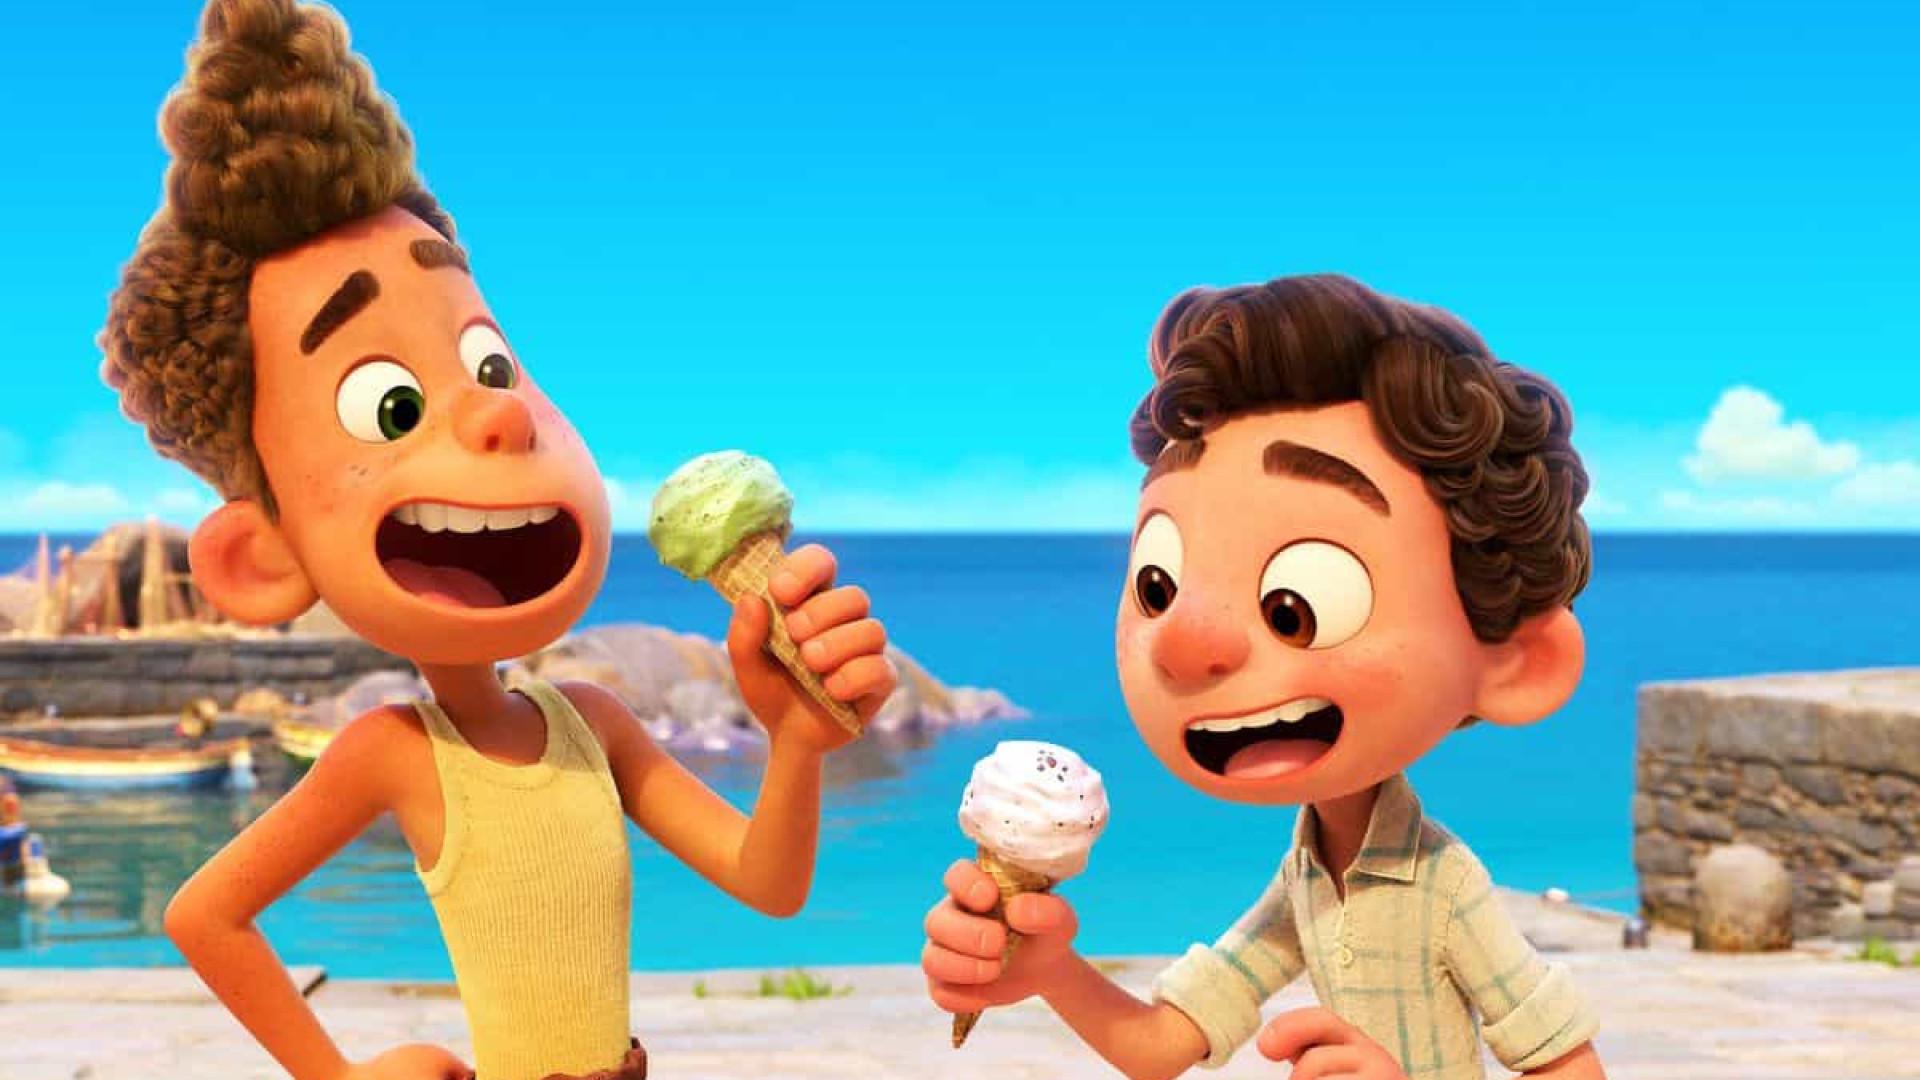 'Luca', da Pixar, é visto como uma alegoria gay ao mostrar amizade de dois adolescentes